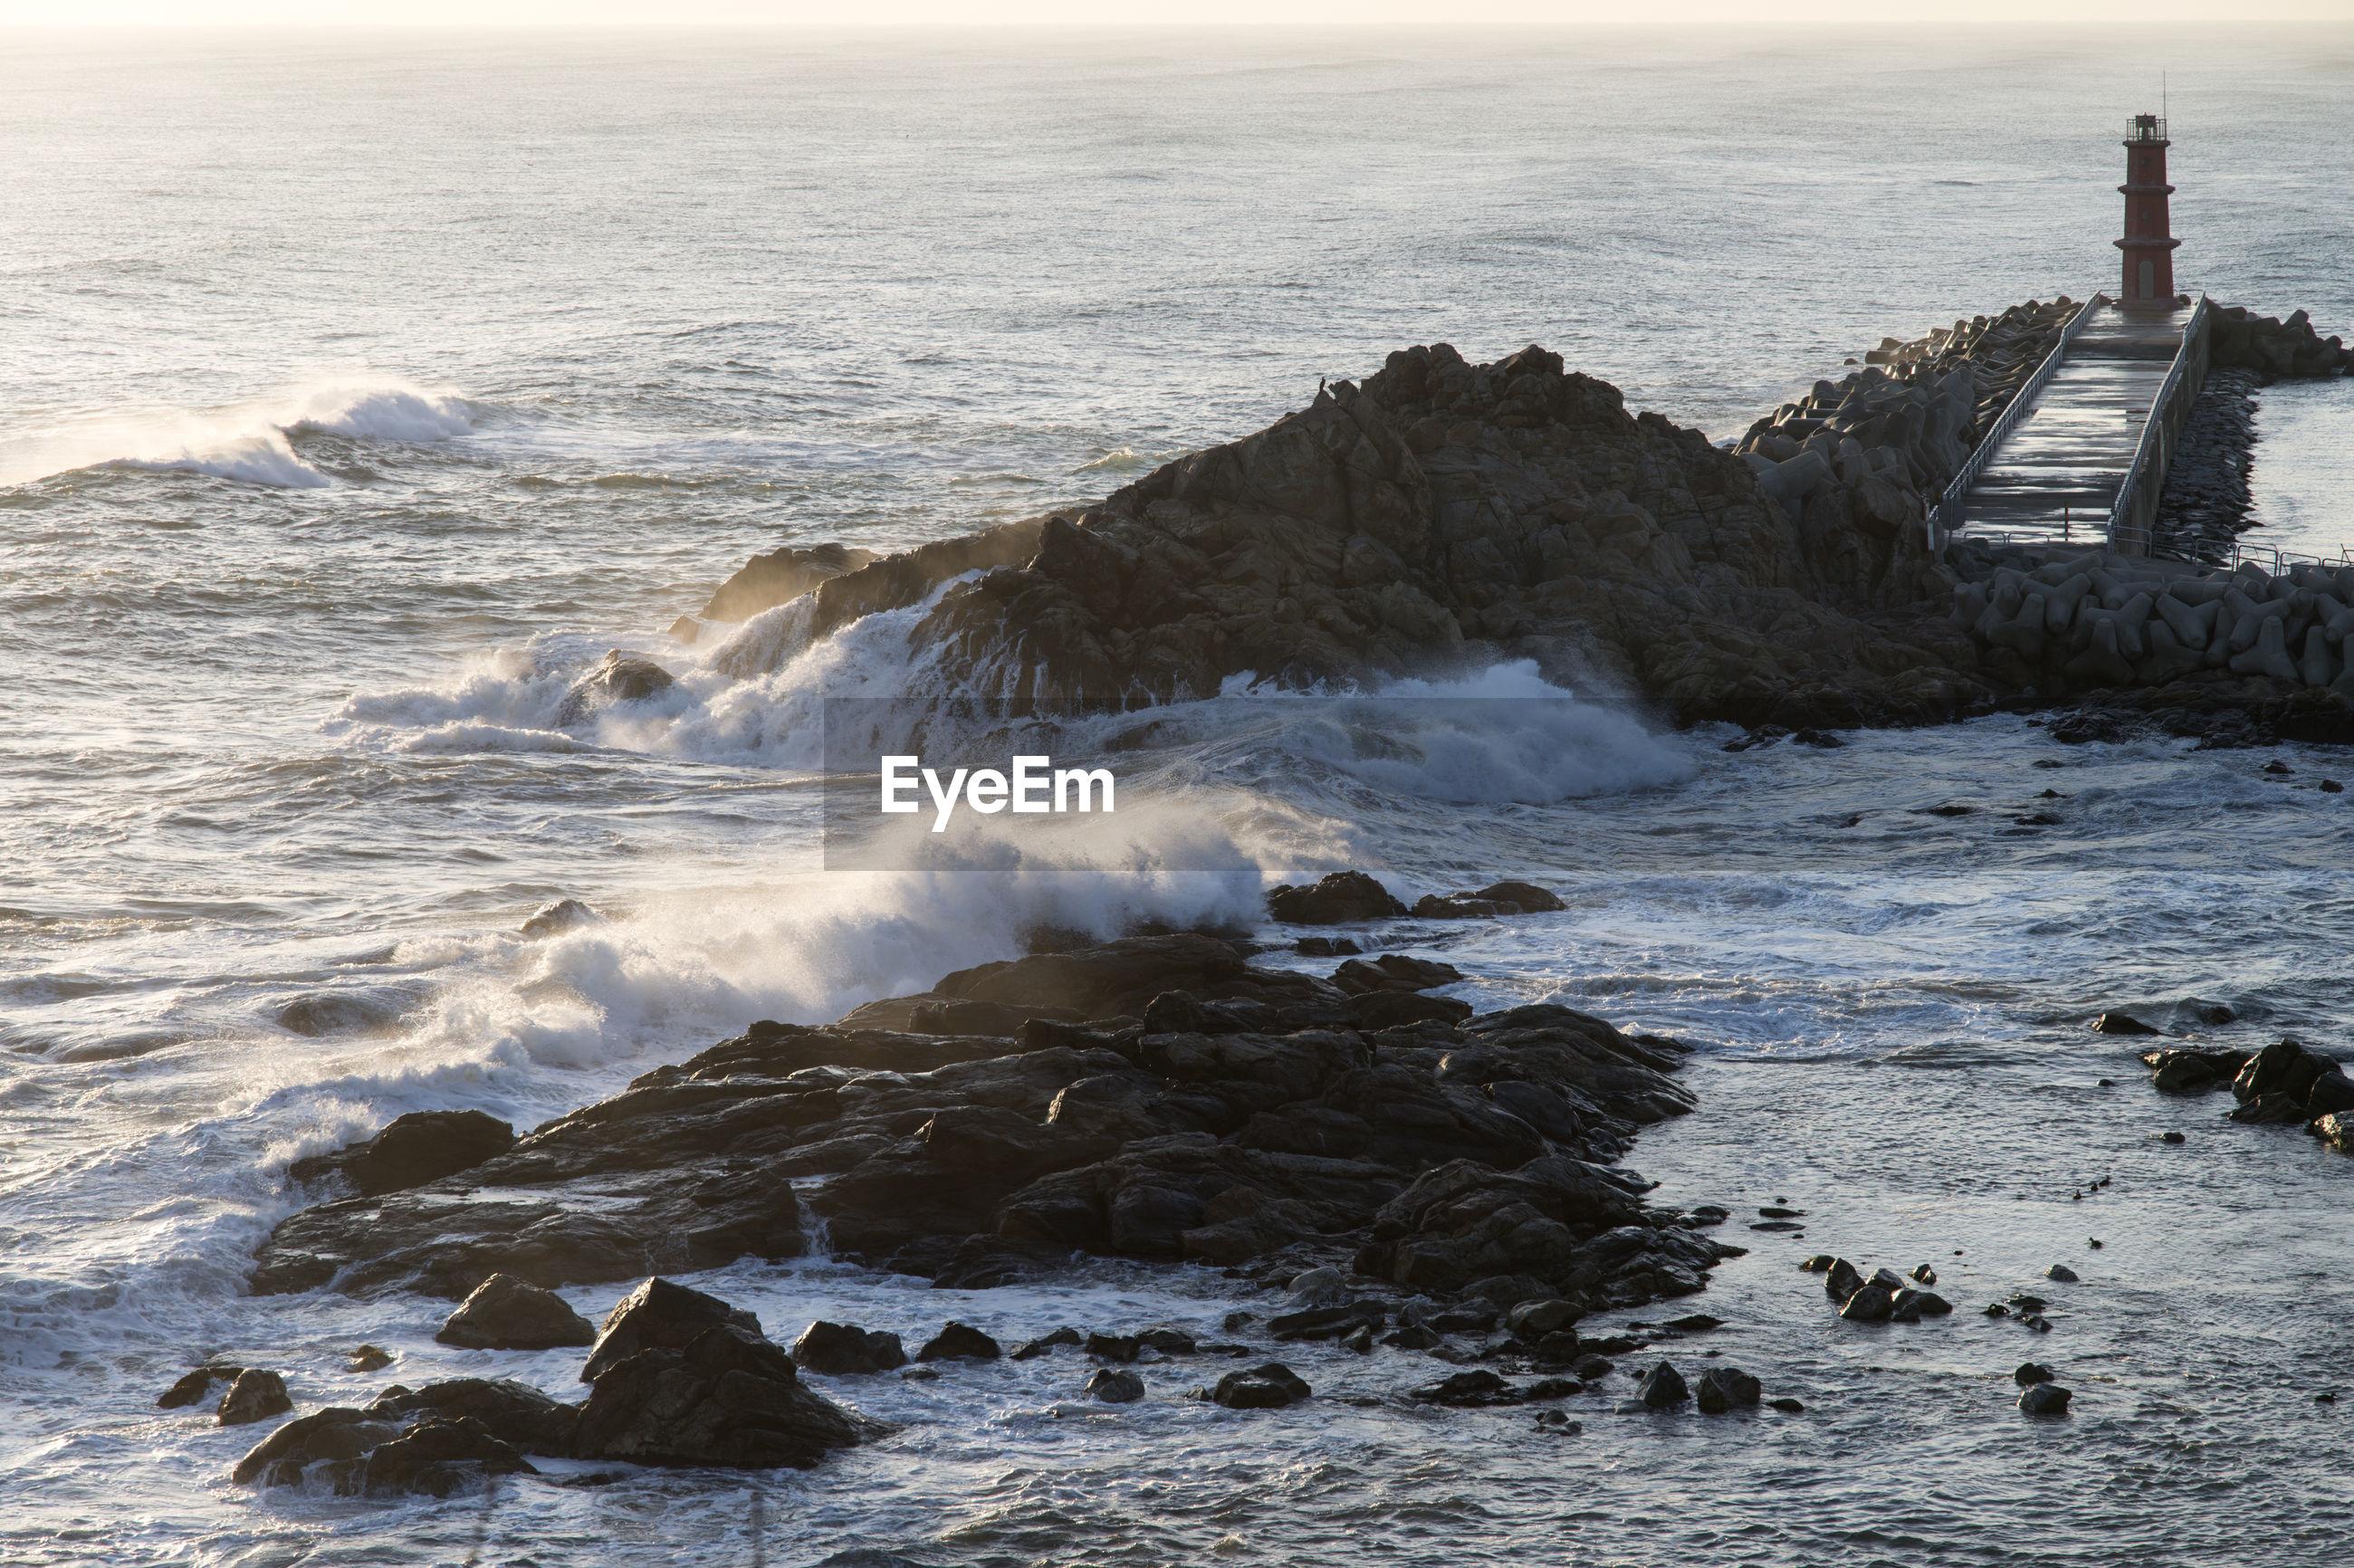 Wave splashing rocks in sea